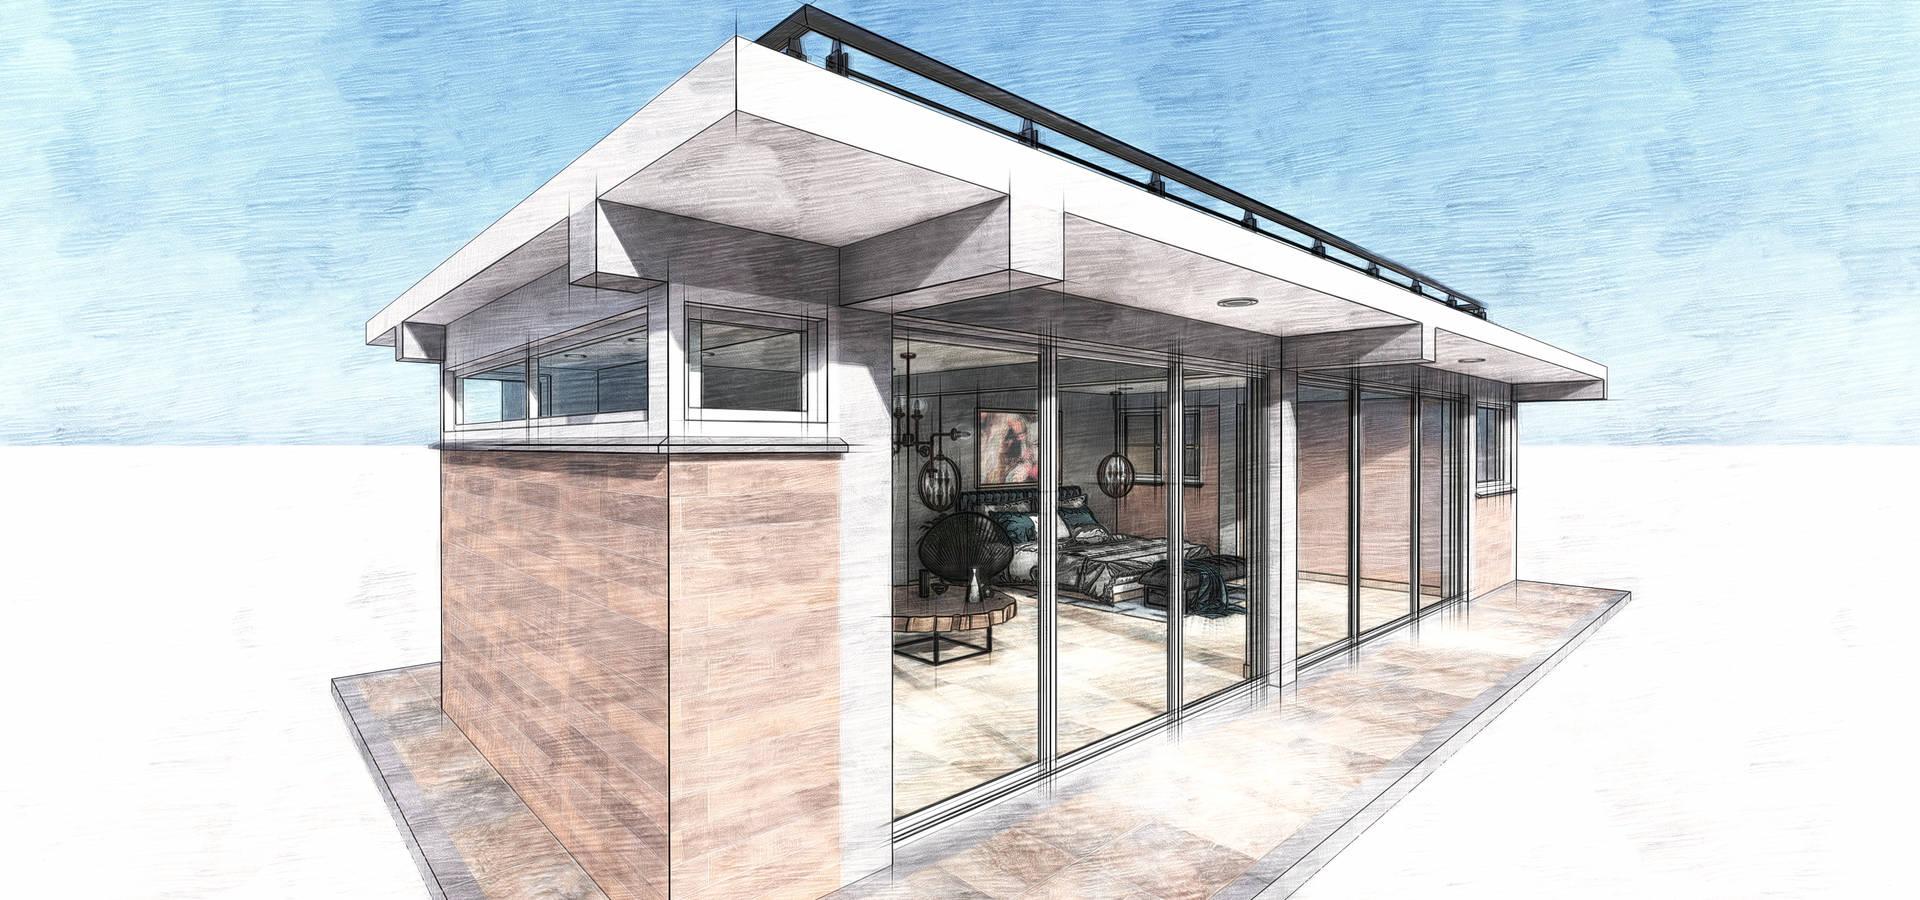 Conceptual Studio ARQUITECTUR